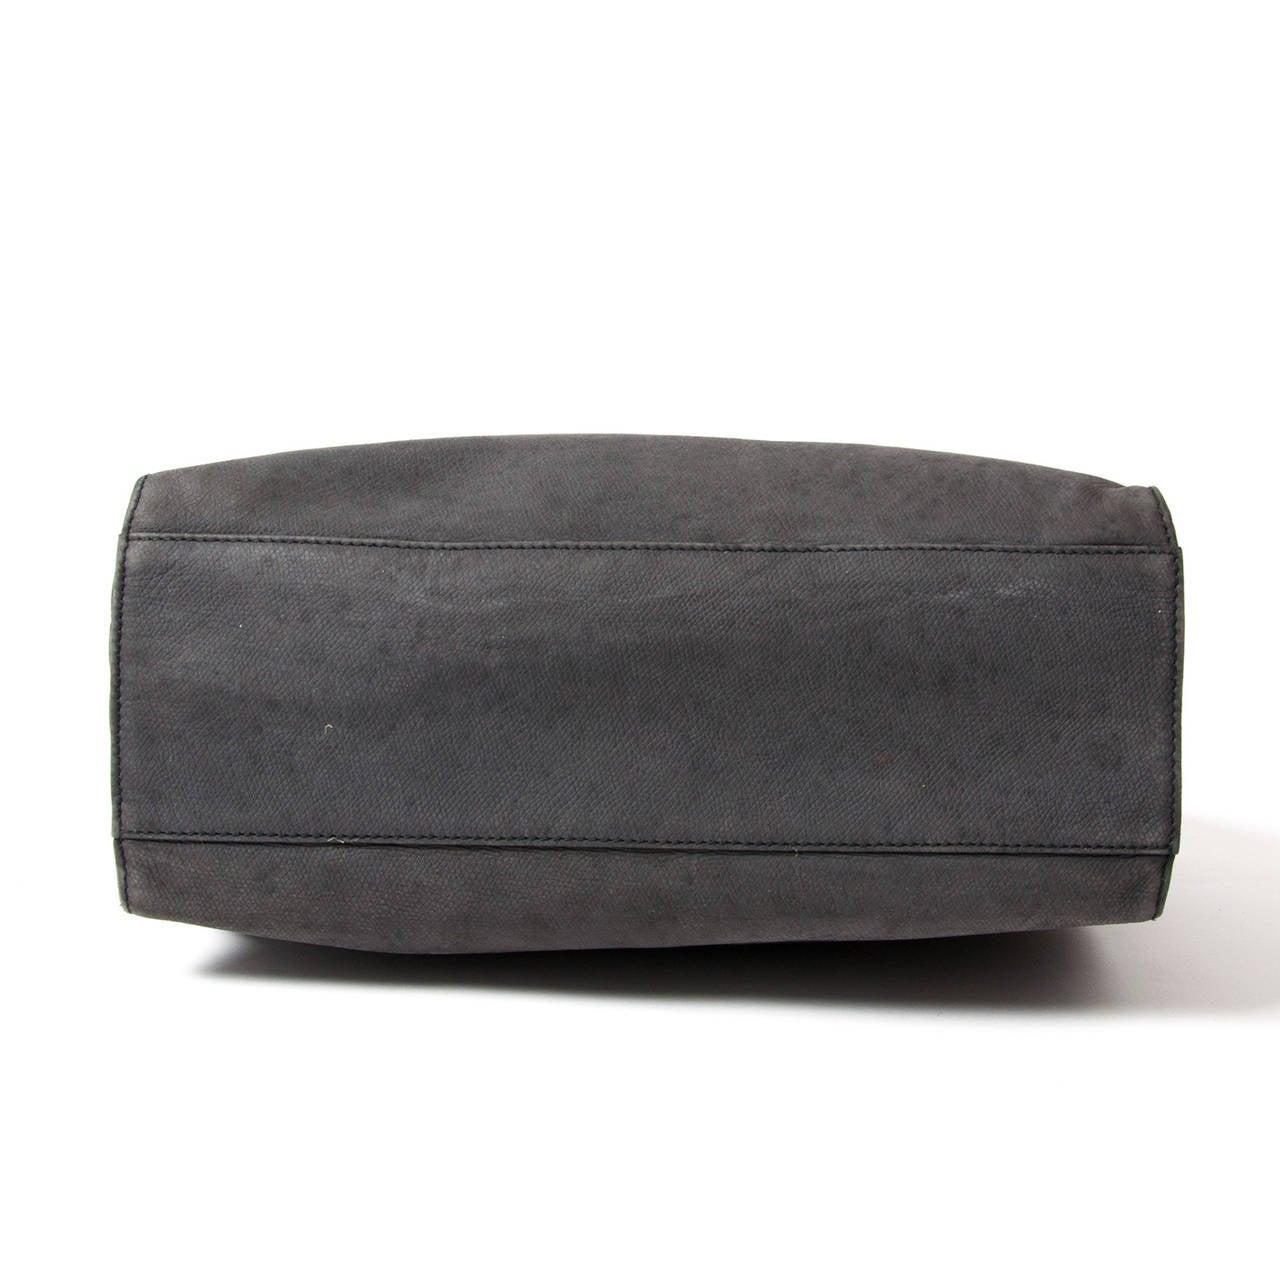 Jill Sander Grey Nubuck Bag 4